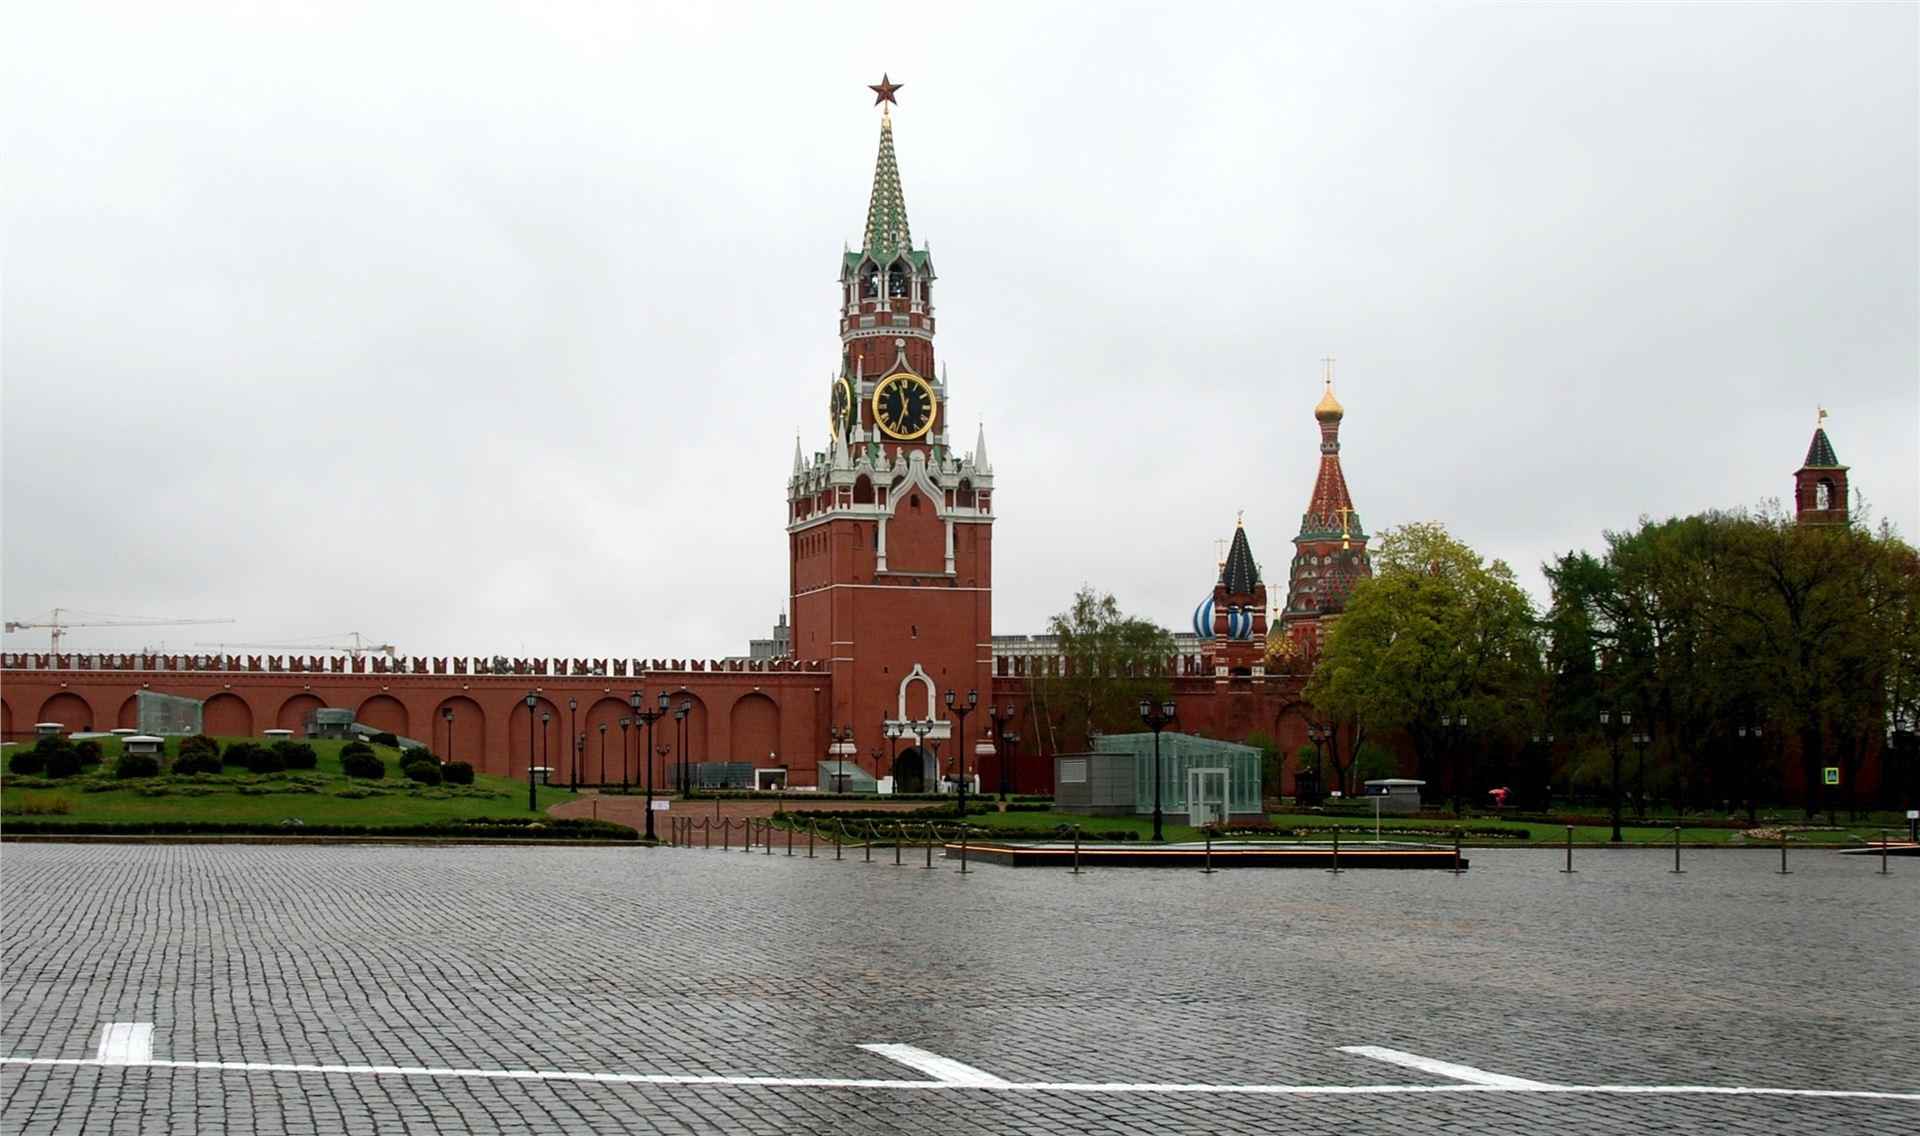 俄罗斯纪行(1)莫斯科—克里姆林宫图片